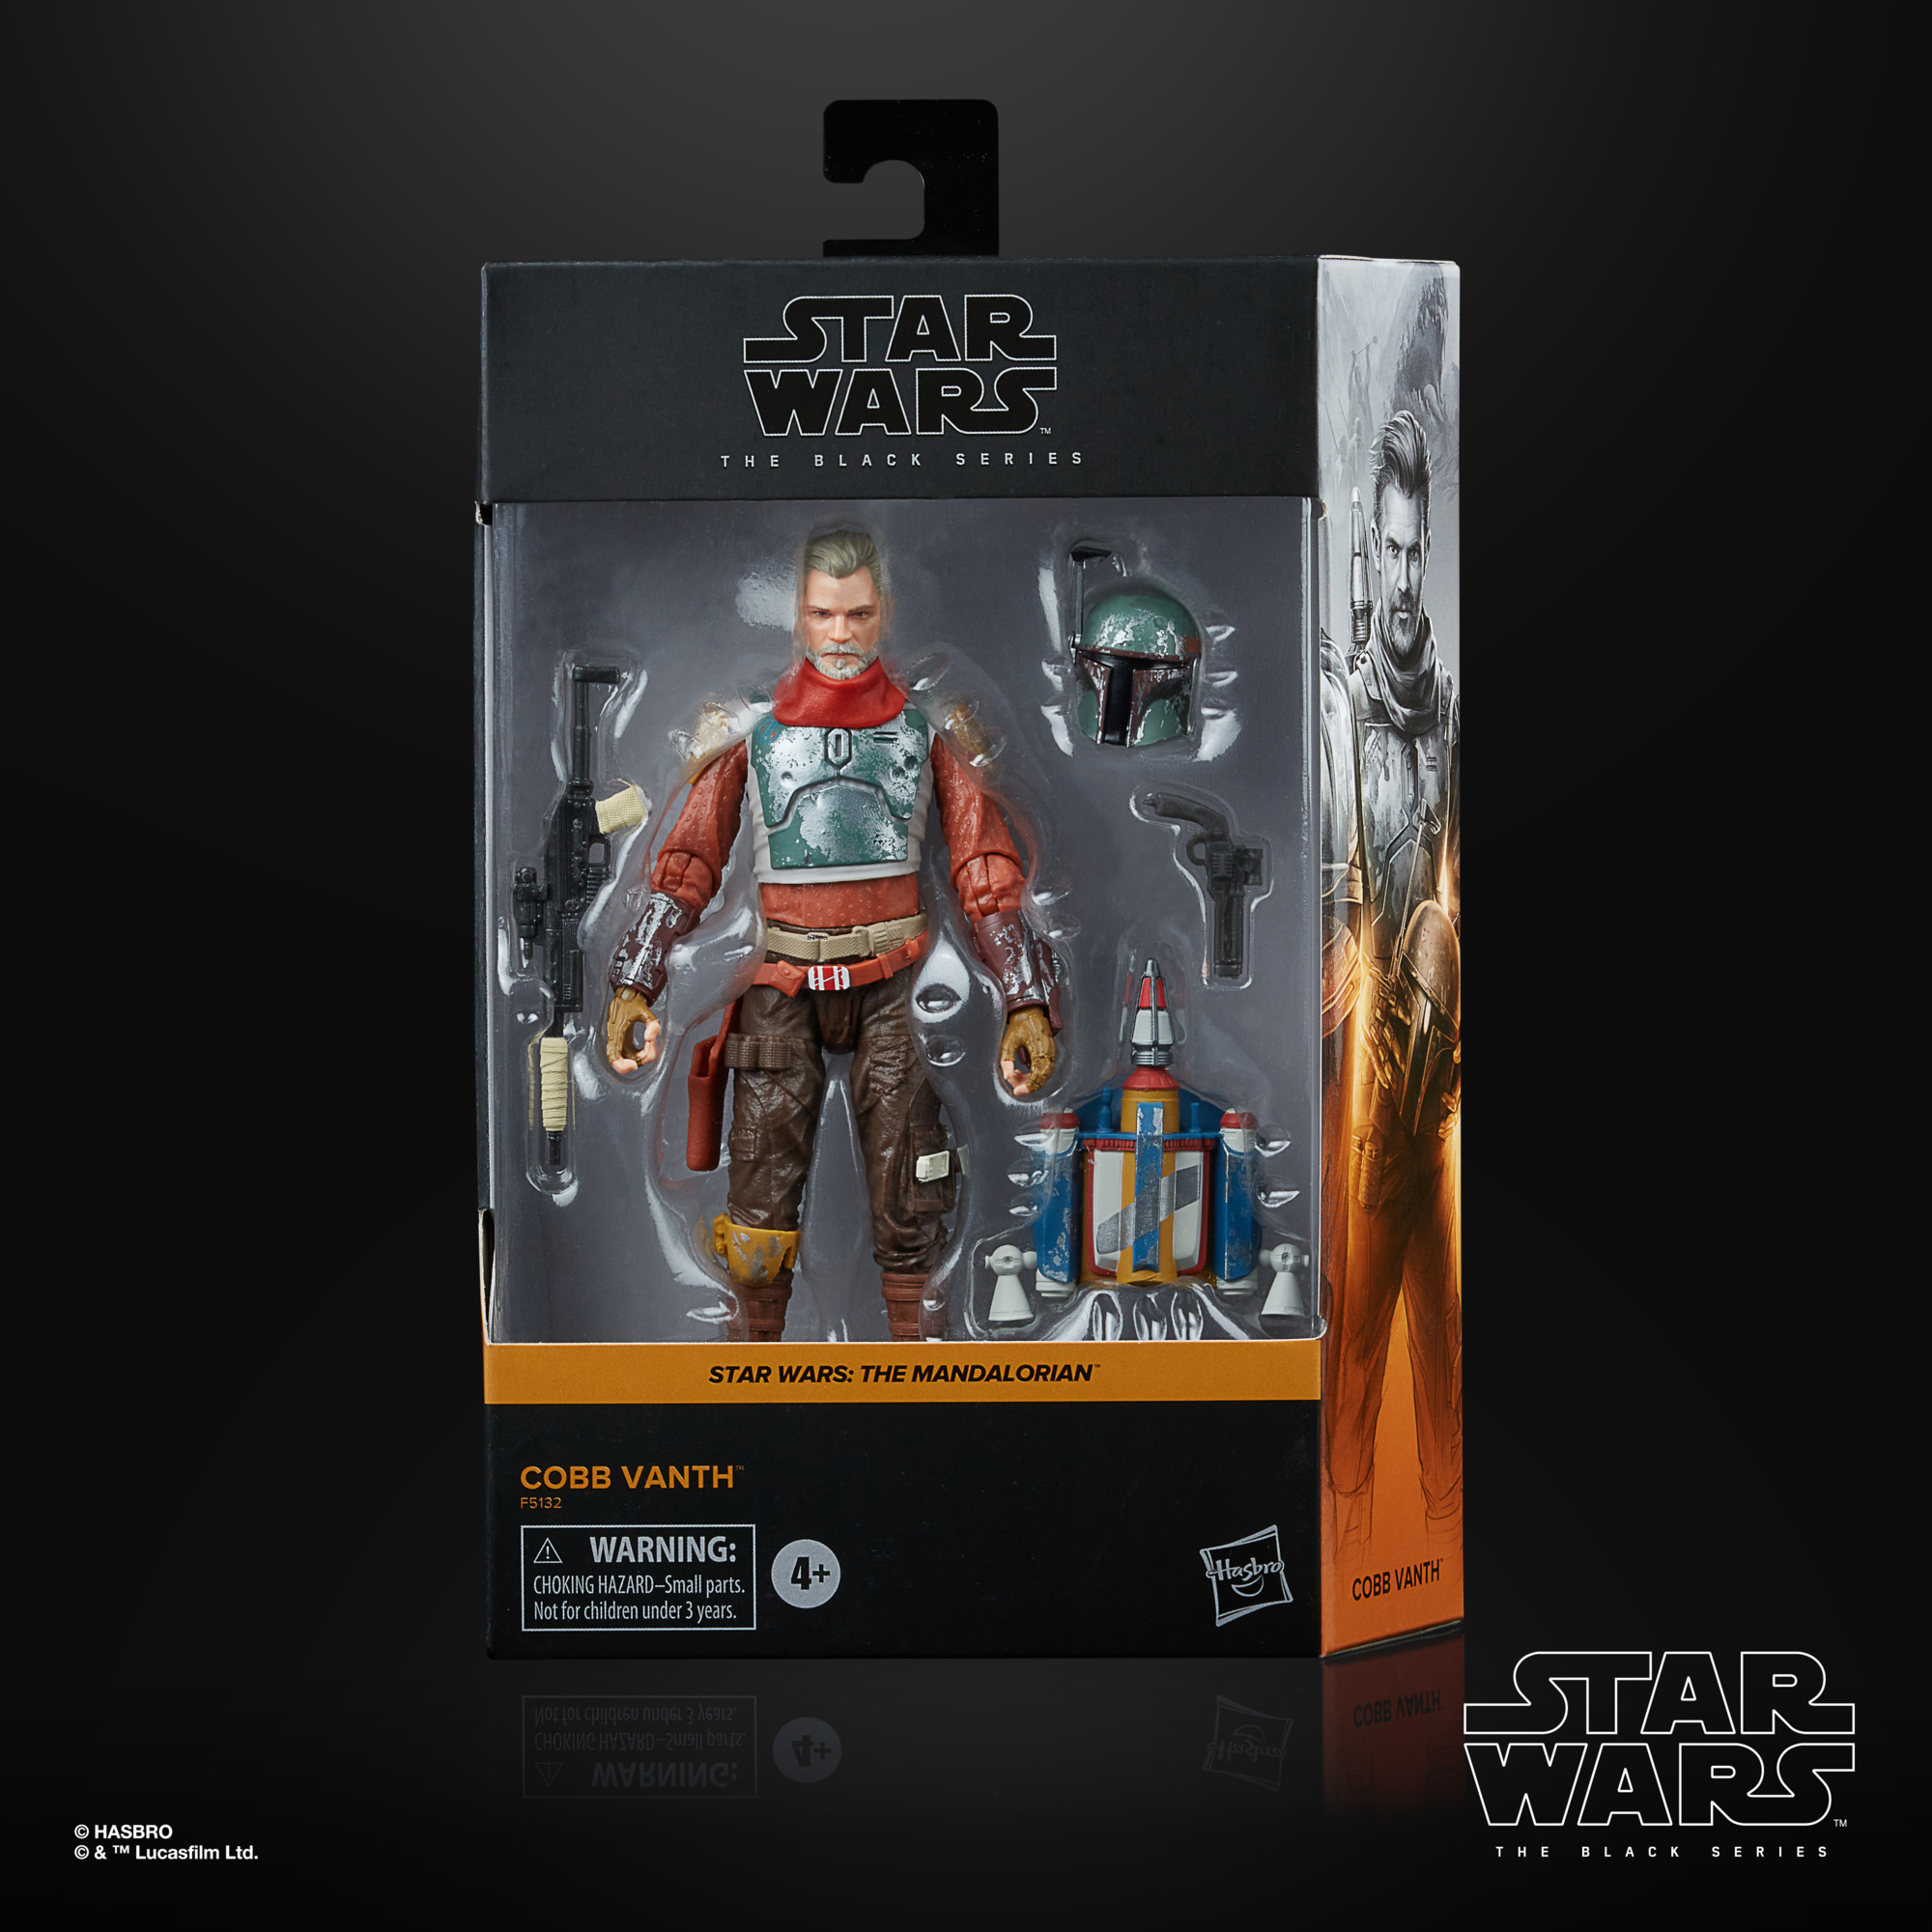 Star Wars The Black Series Cobb Vanth F51325L0 5010993949304